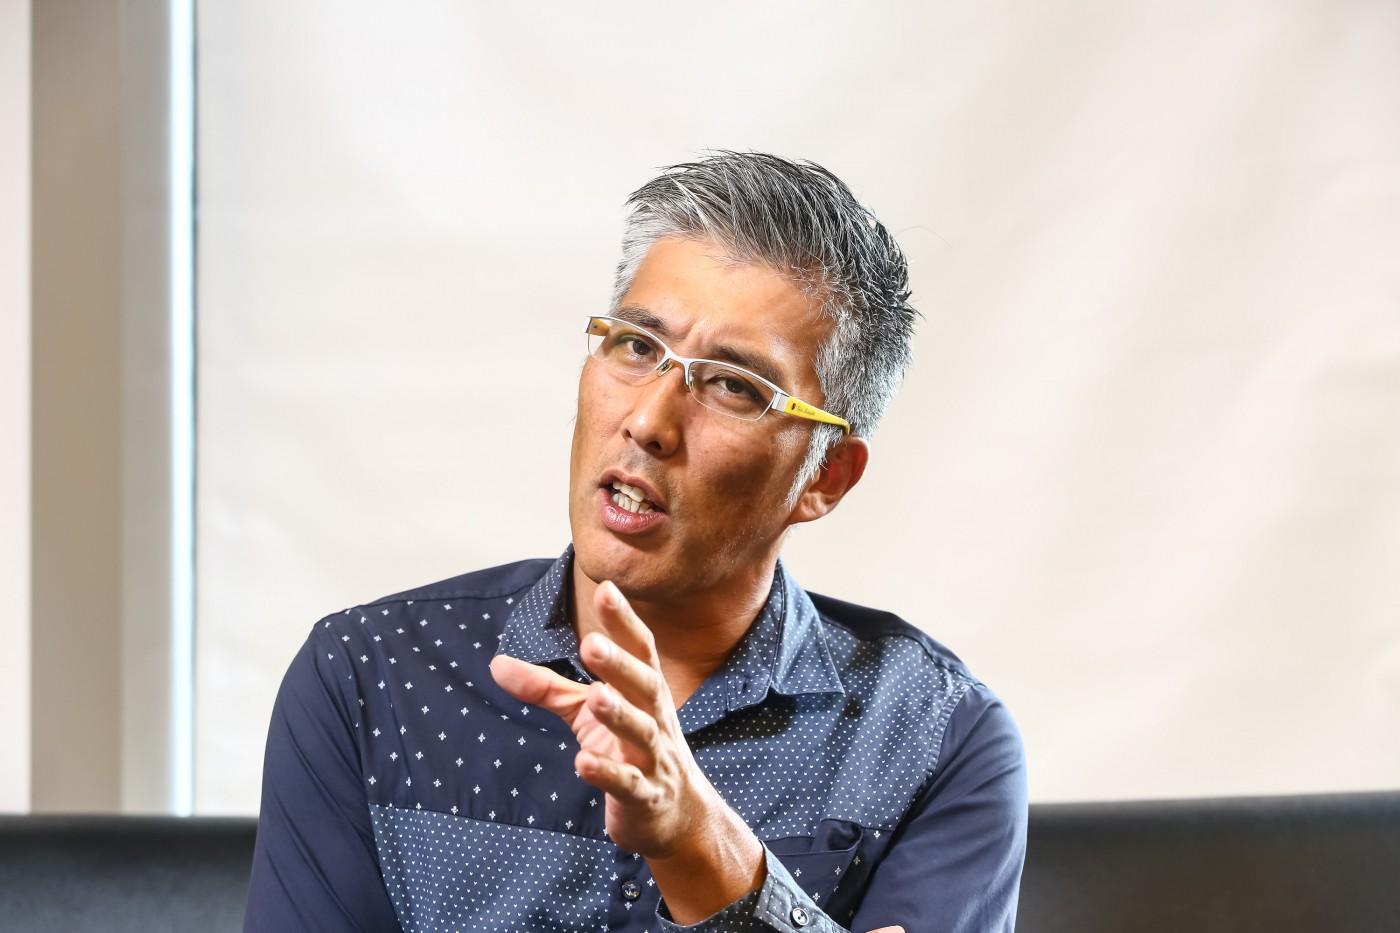 遊戲業最「台」日本老闆:員工平均年齡僅28歲,為何敢把希望押注在年輕人身上?